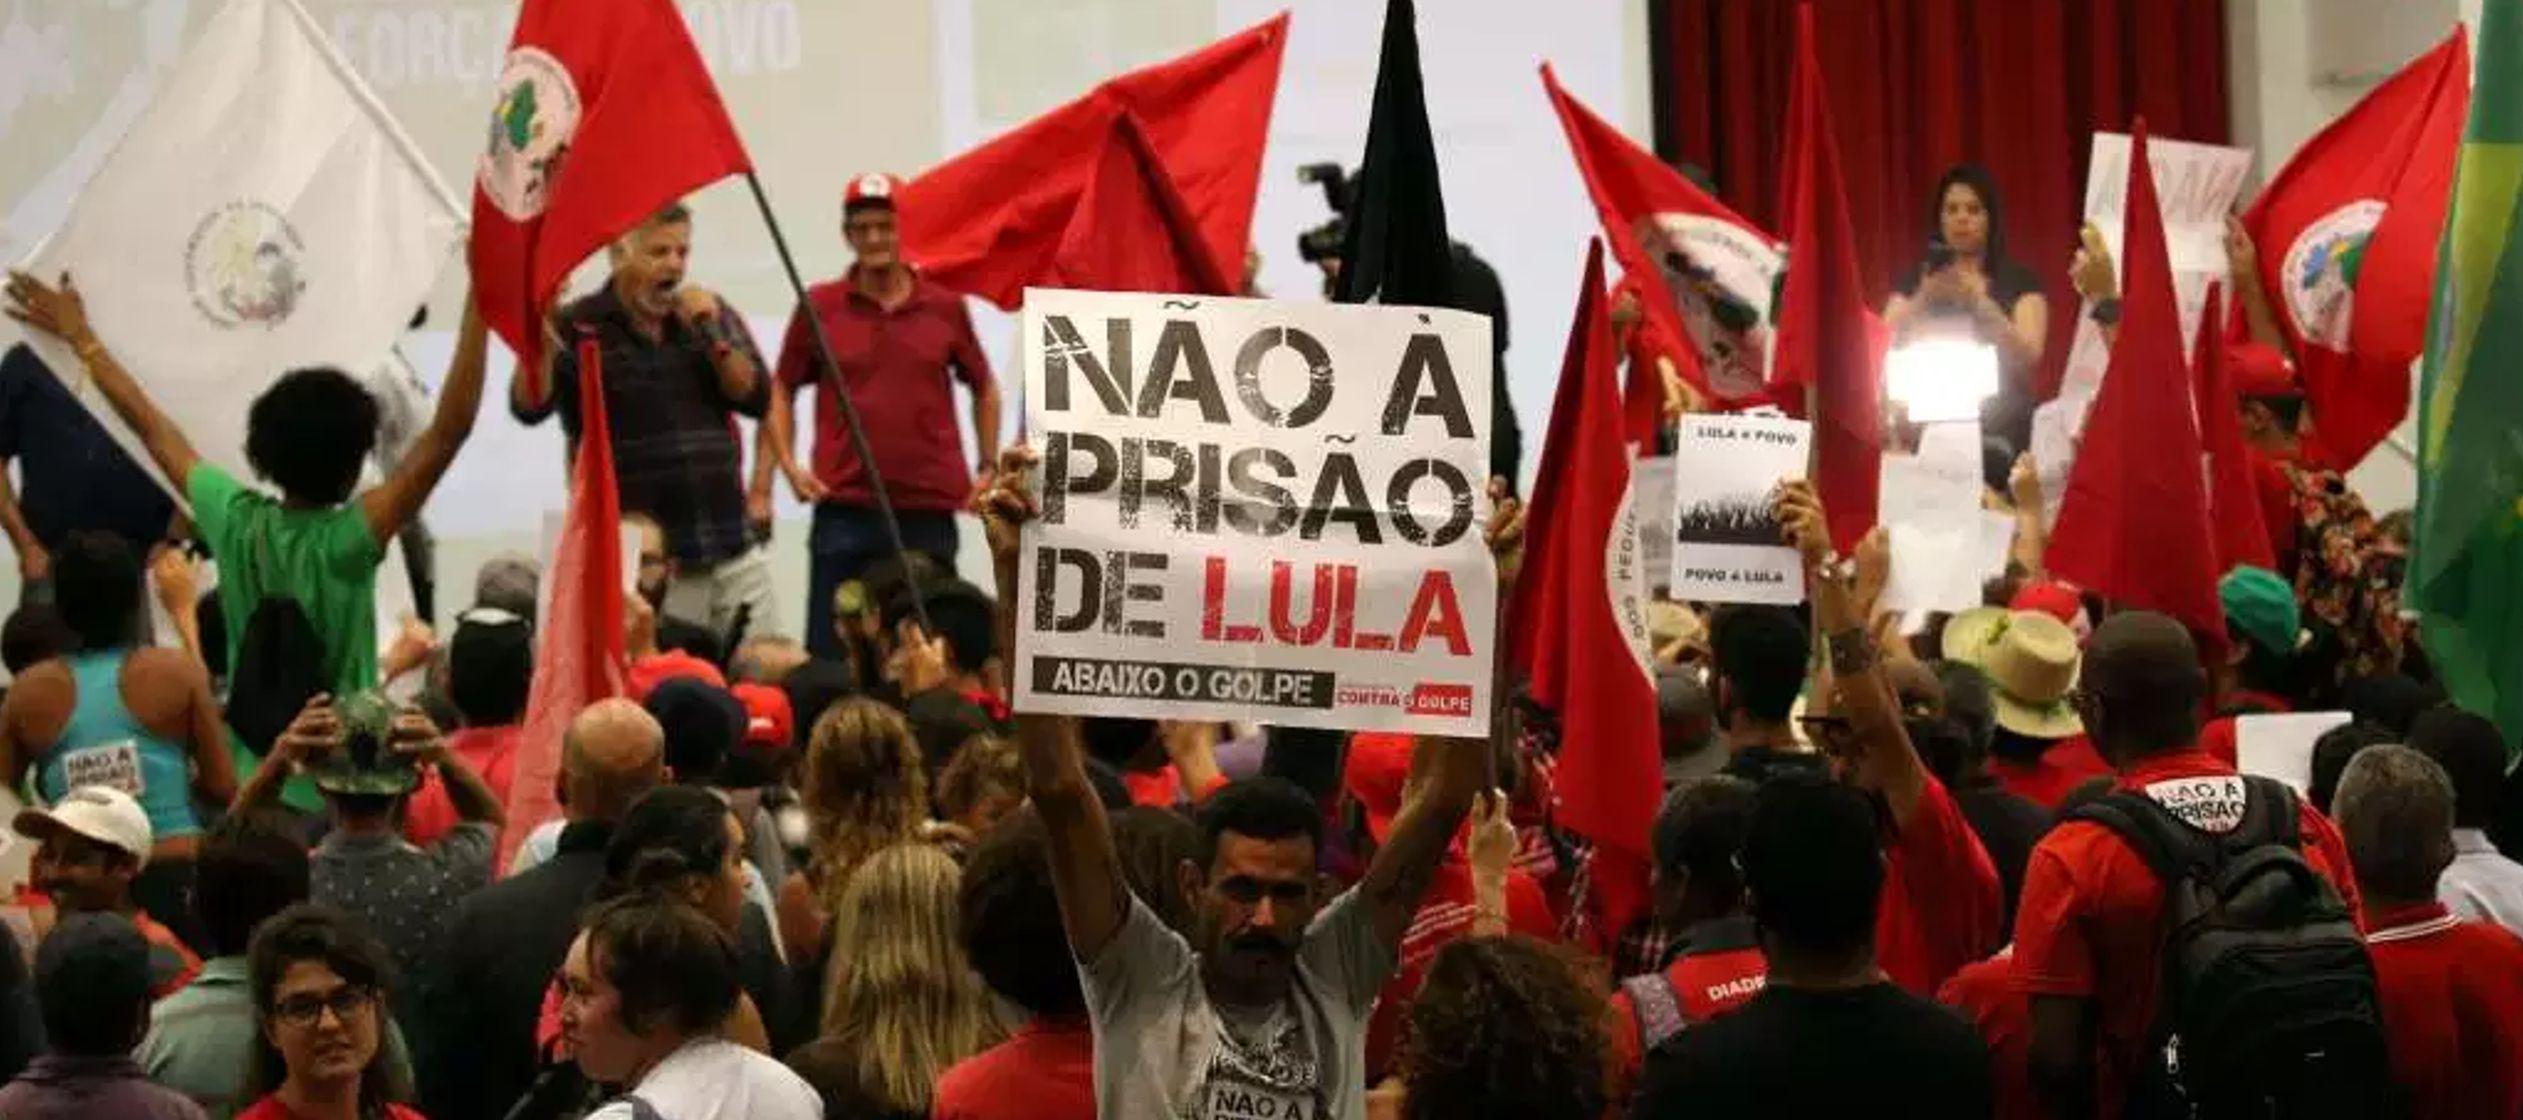 Gebran Neto revocó la liberación del exjefe de Estado, pero poco después,...